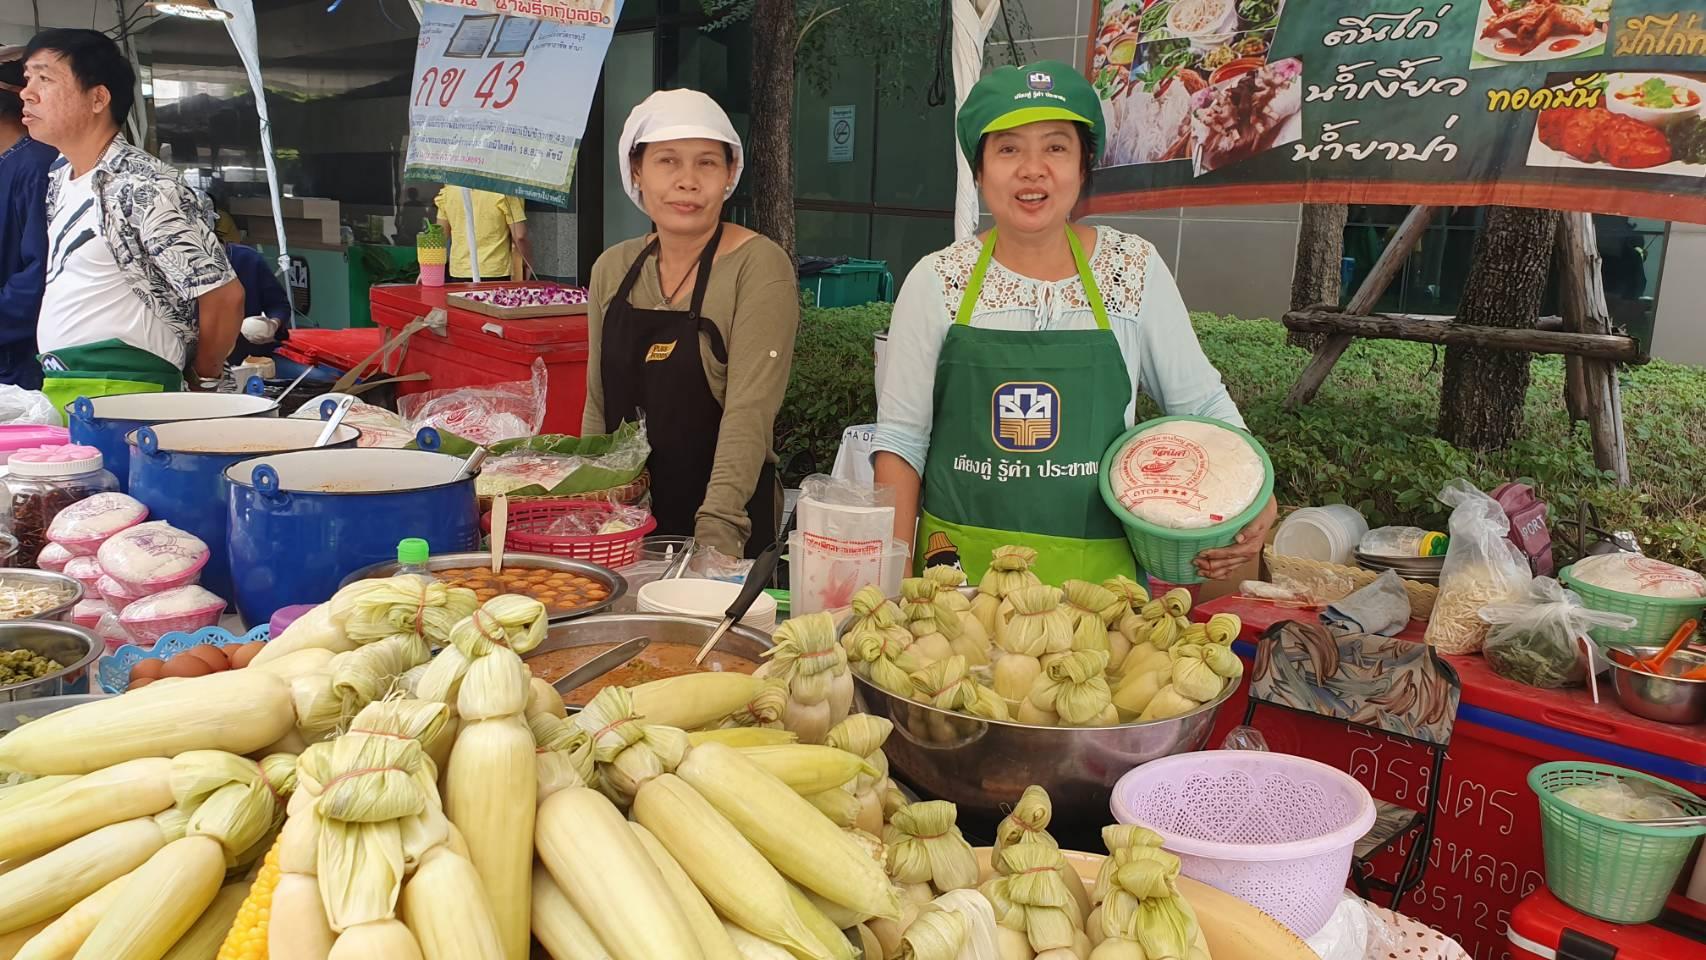 ธ.ก.ส. เปิดตลาดนัดวายุภักษ์ฯ ครั้งที่ 2